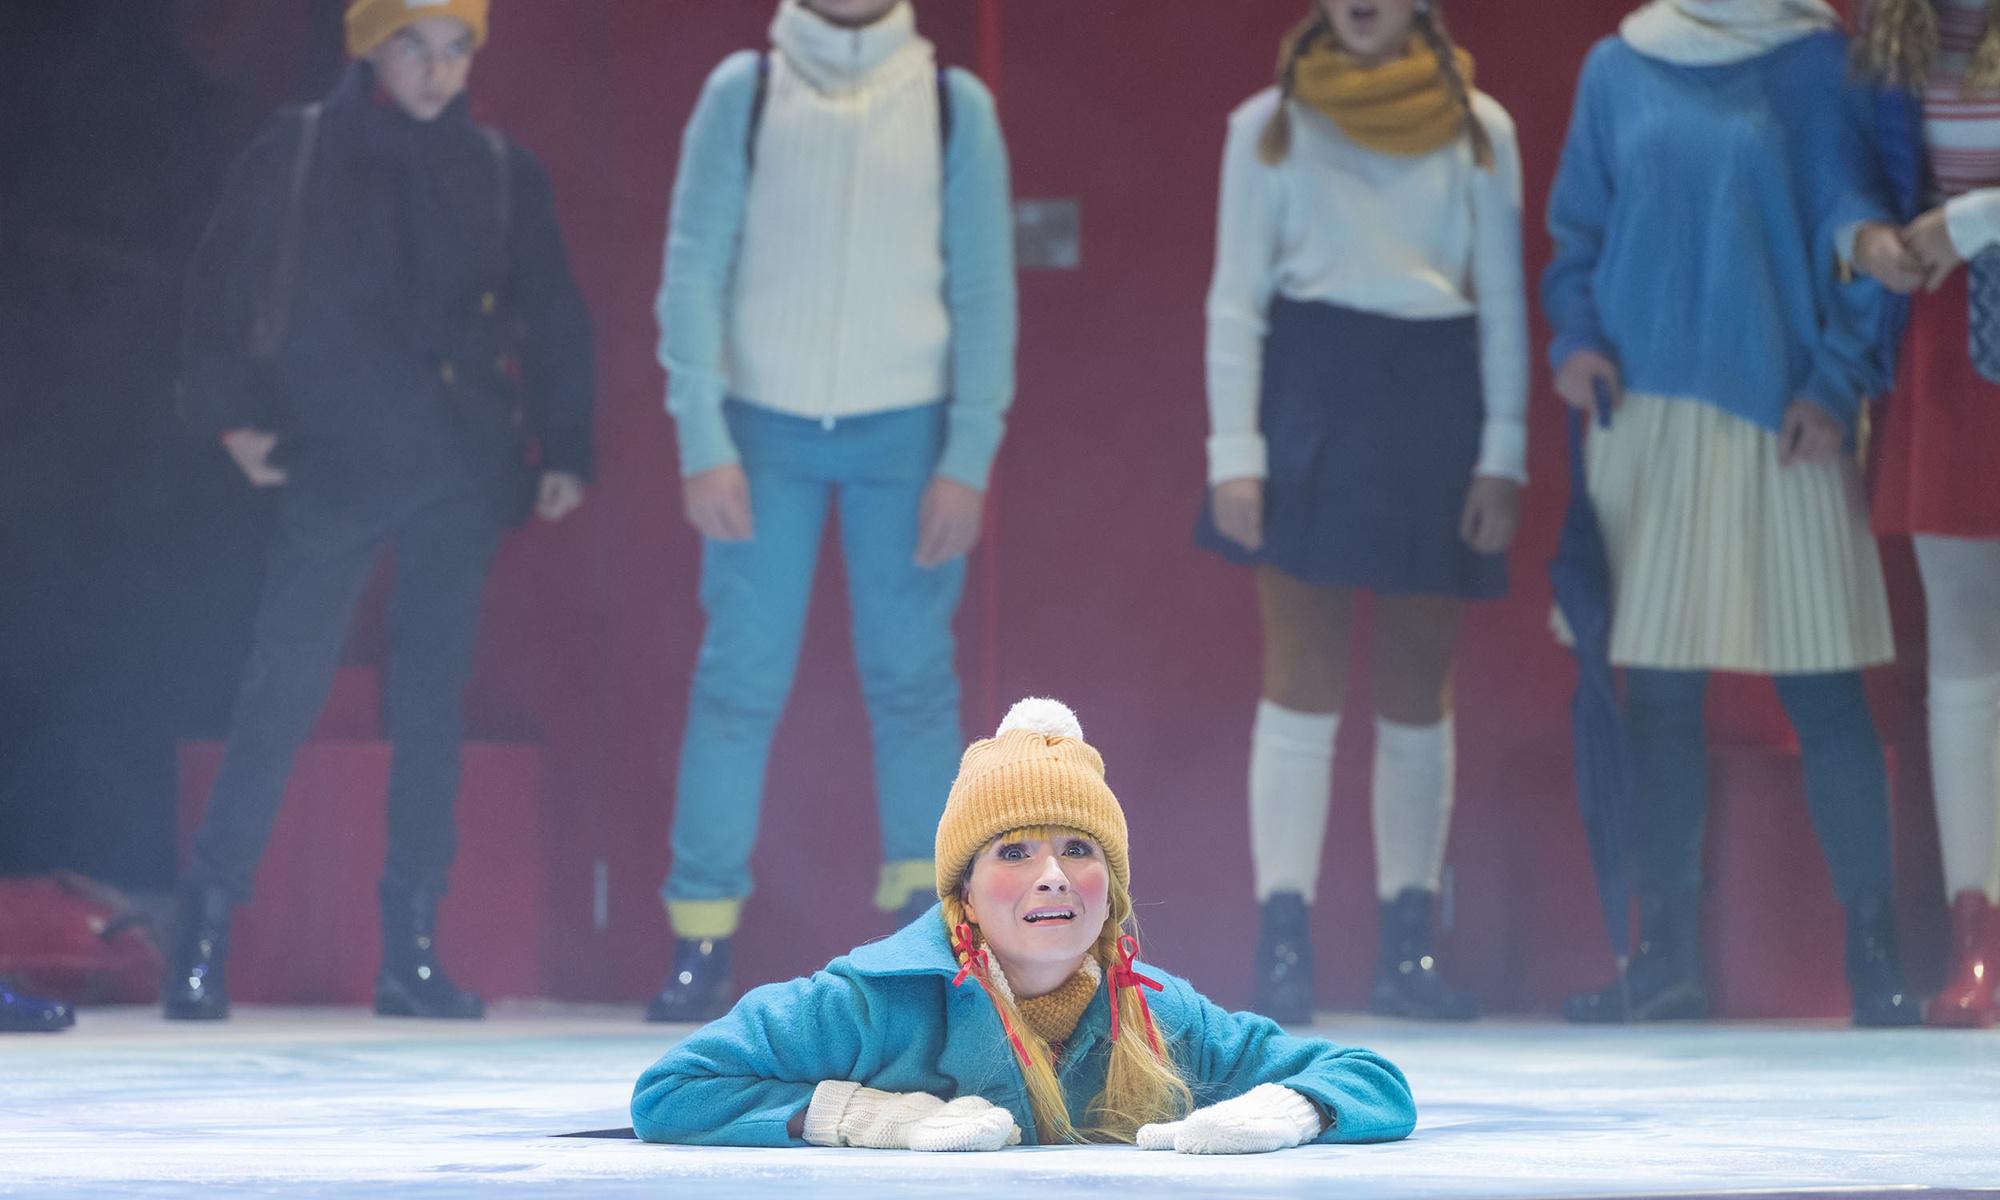 Emilia - Bei der Feuerwehr wird der Kaffee kalt - 2019/20 Die Theater Chemnitz - Kostüm: Alexa Riedl, Maske: Nadine Wagner